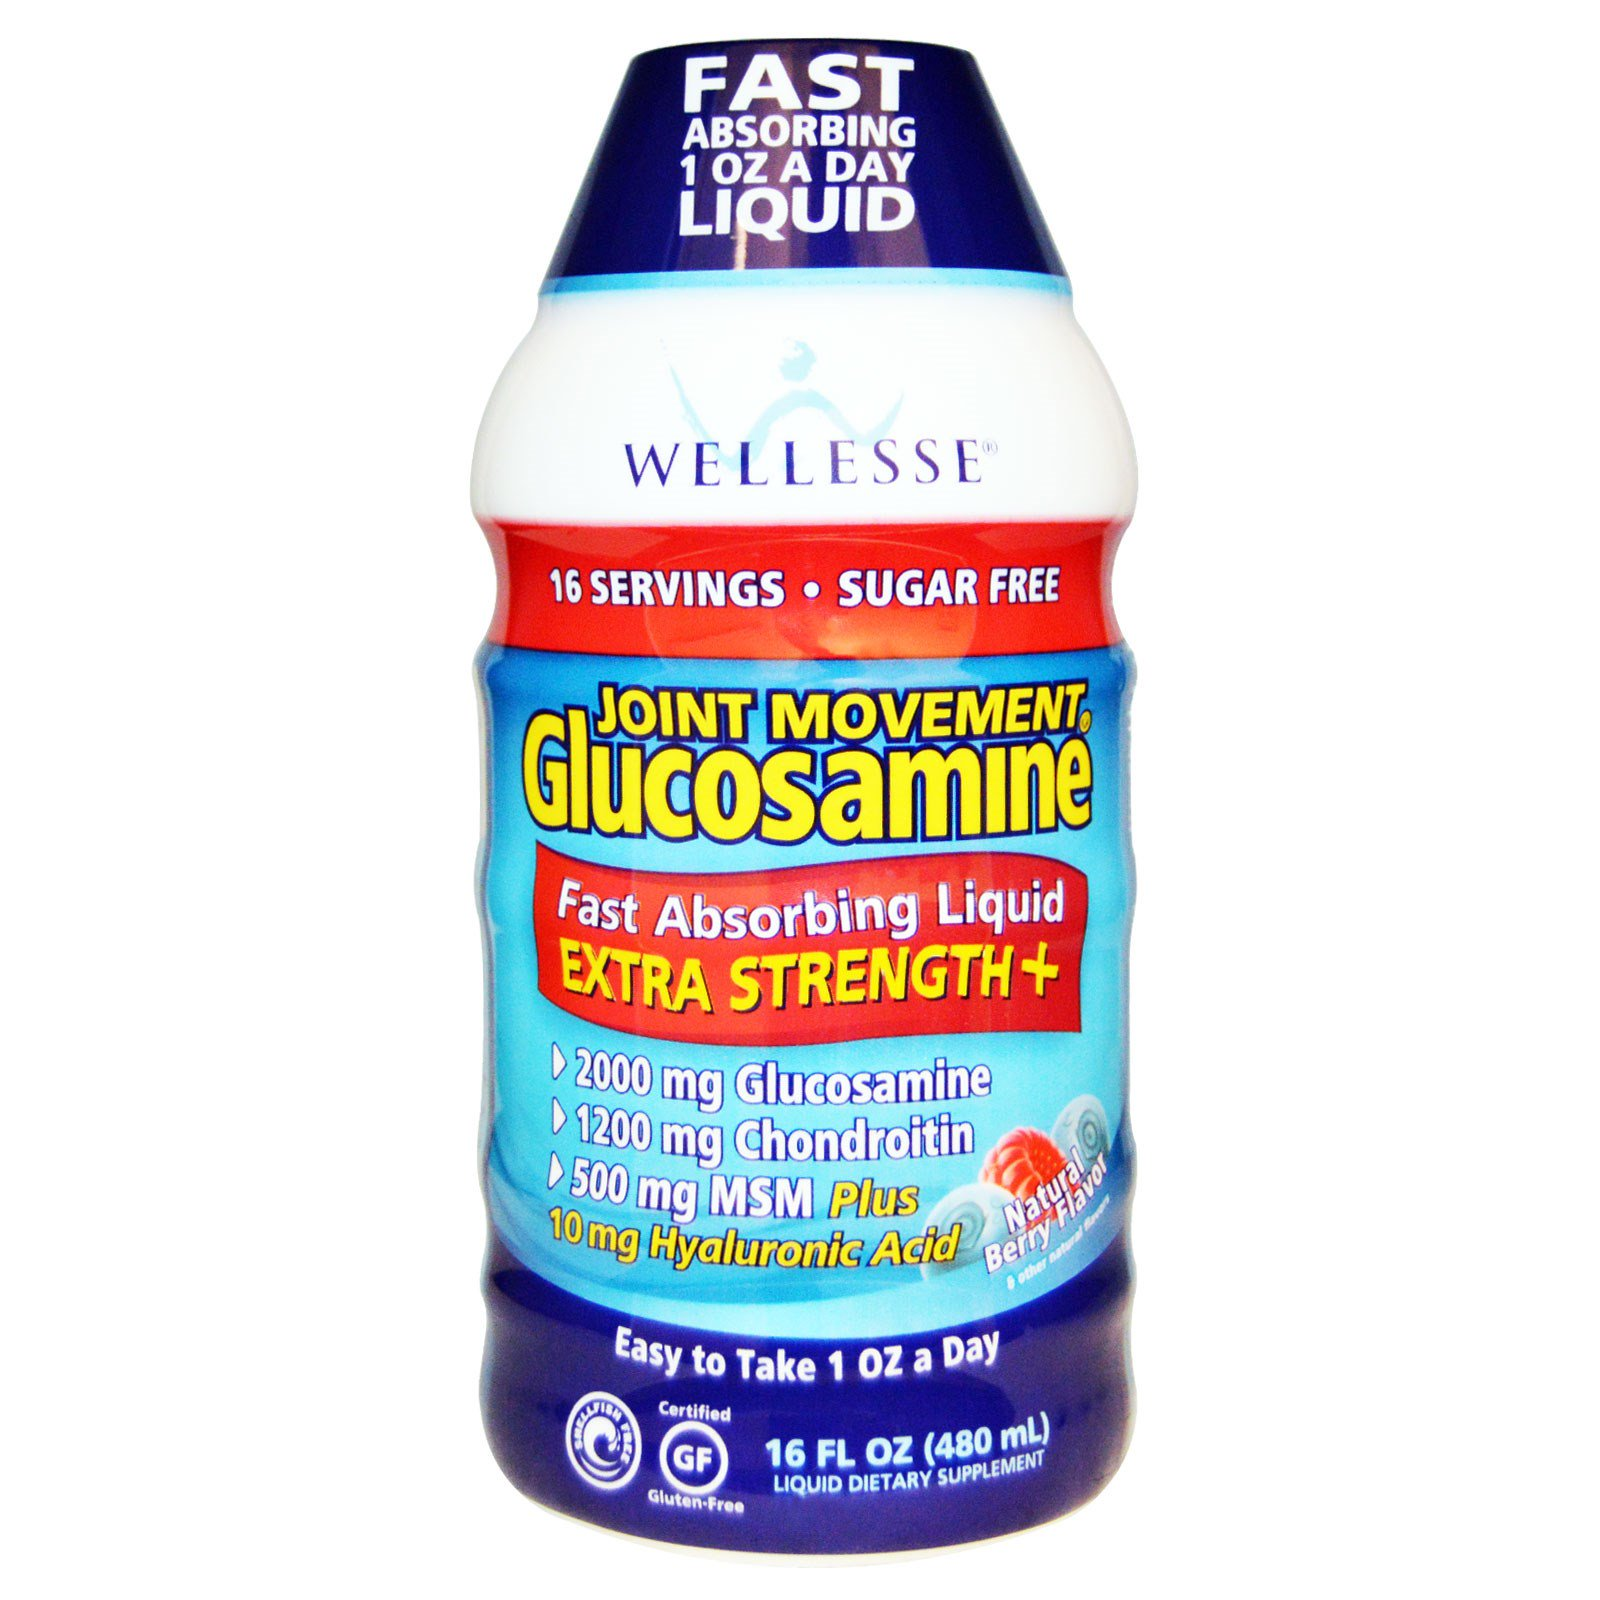 Wellesse Premium Liquid Supplements, Joint Movement Glucosamine, глюкозамин для подвижности суставов, натуральный ягодный вкус, 16 жидких унций (480 мл)